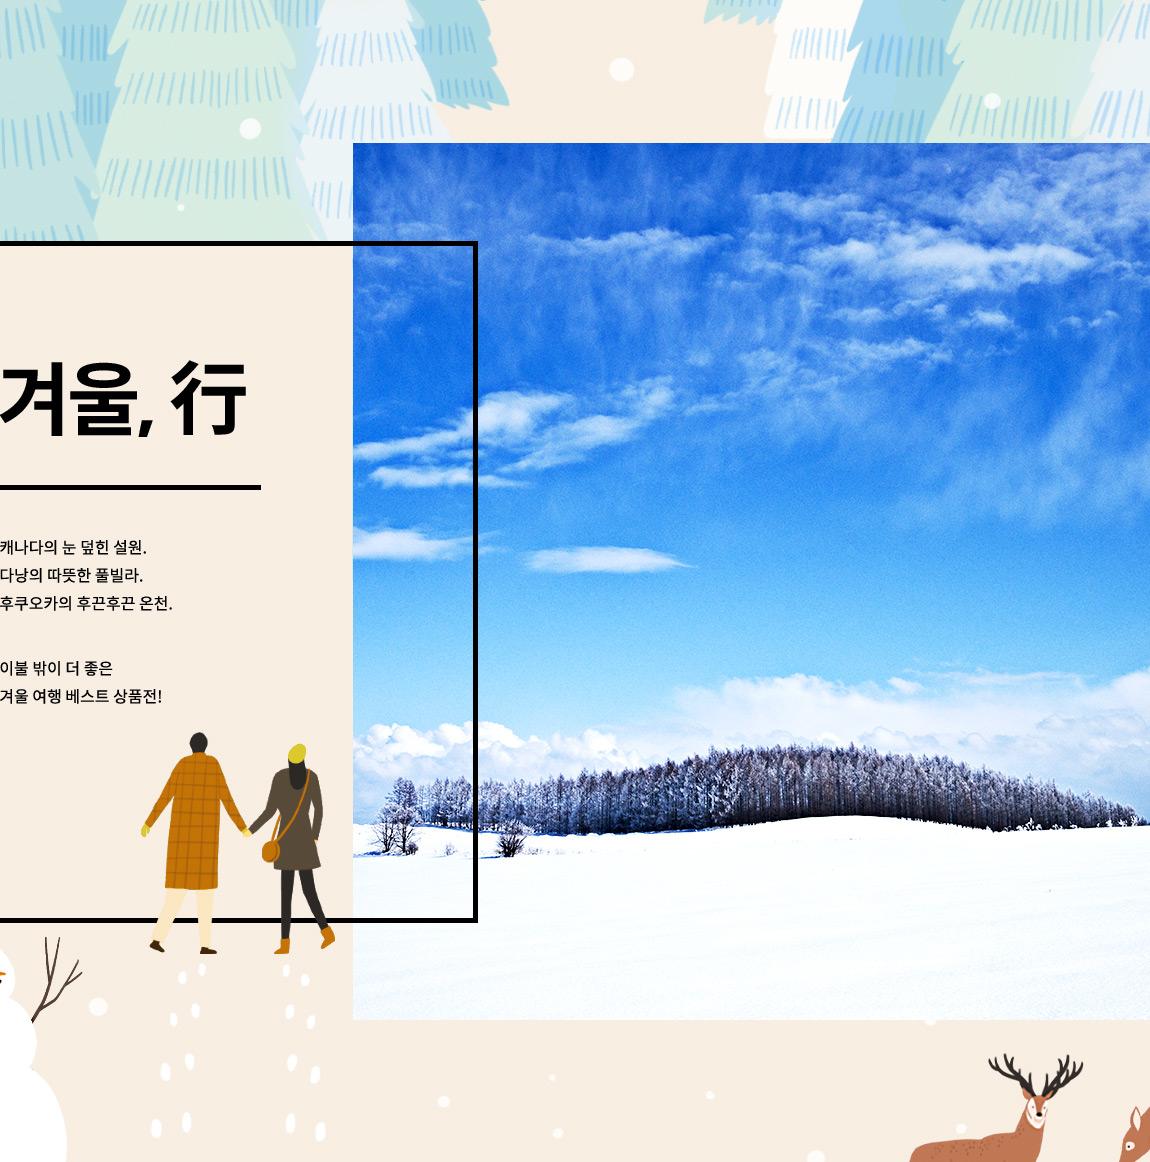 겨울행-캐나다의 눈 덮힌 설원, 다낭의 따뜻한 풀빌라. 후쿠오카의 후끈후끈 온천. 이불 밖에 더 좋은 겨울 여행 베스트 상품전